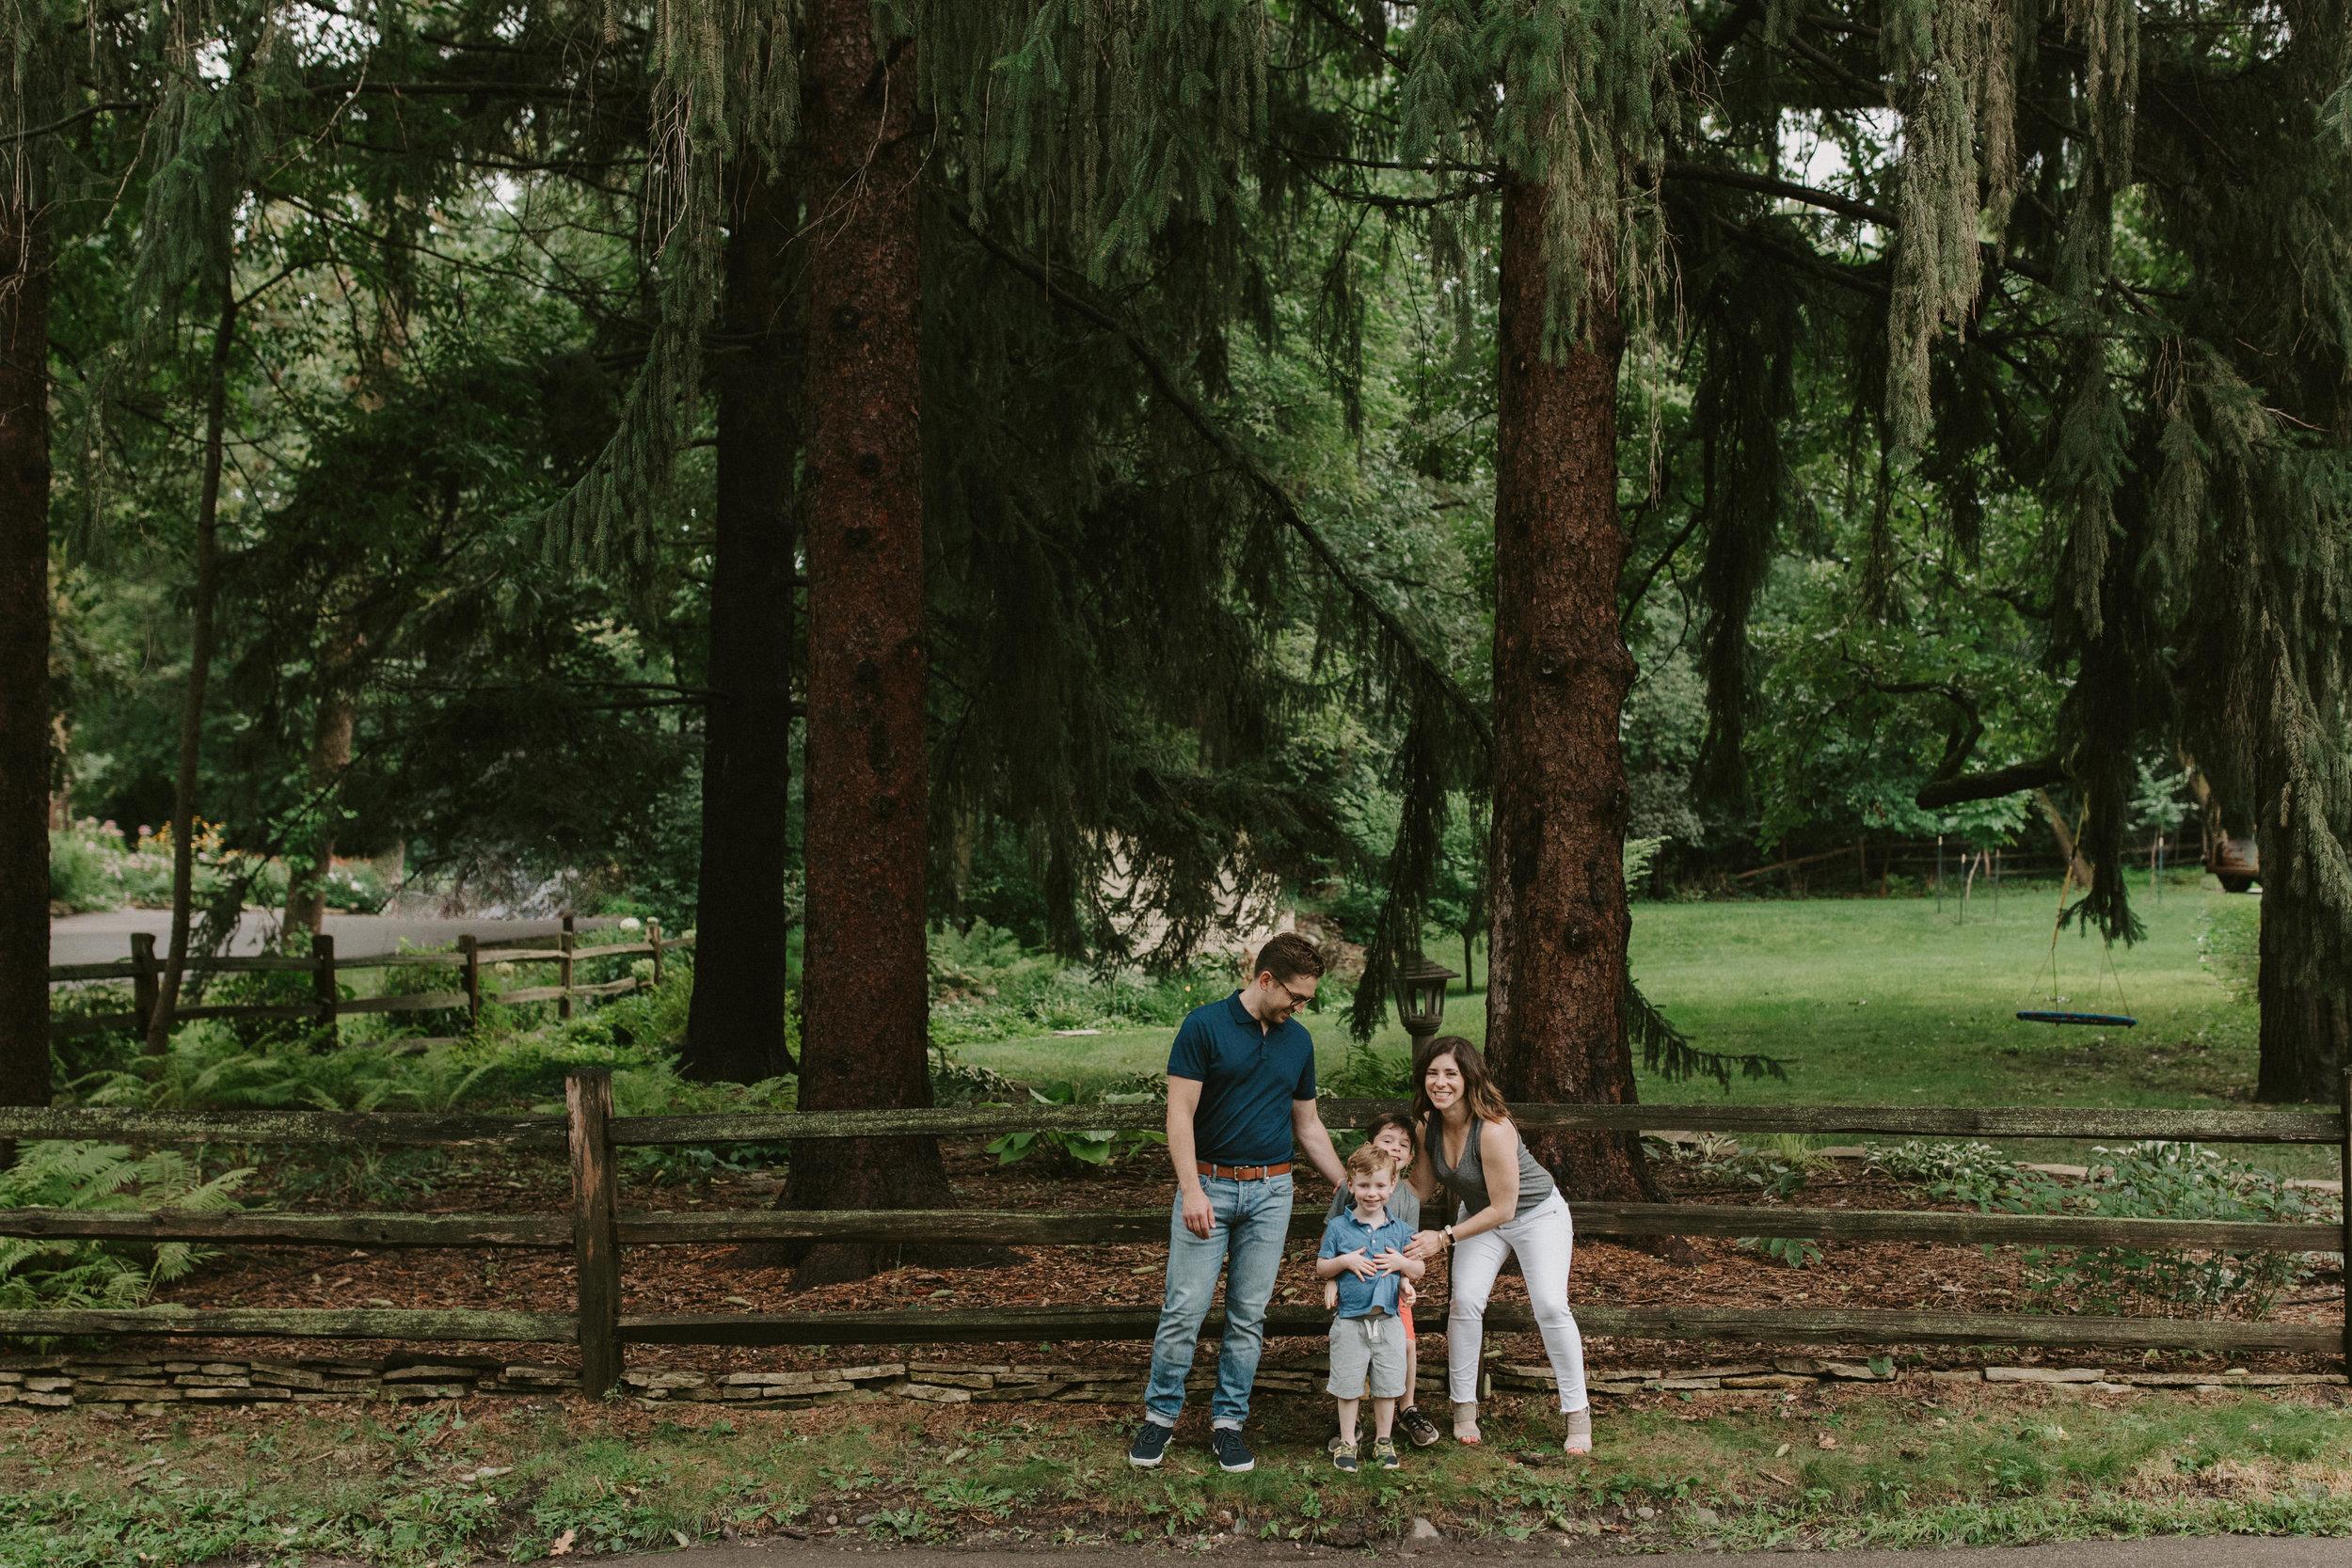 lombardifamily2019-16.jpg